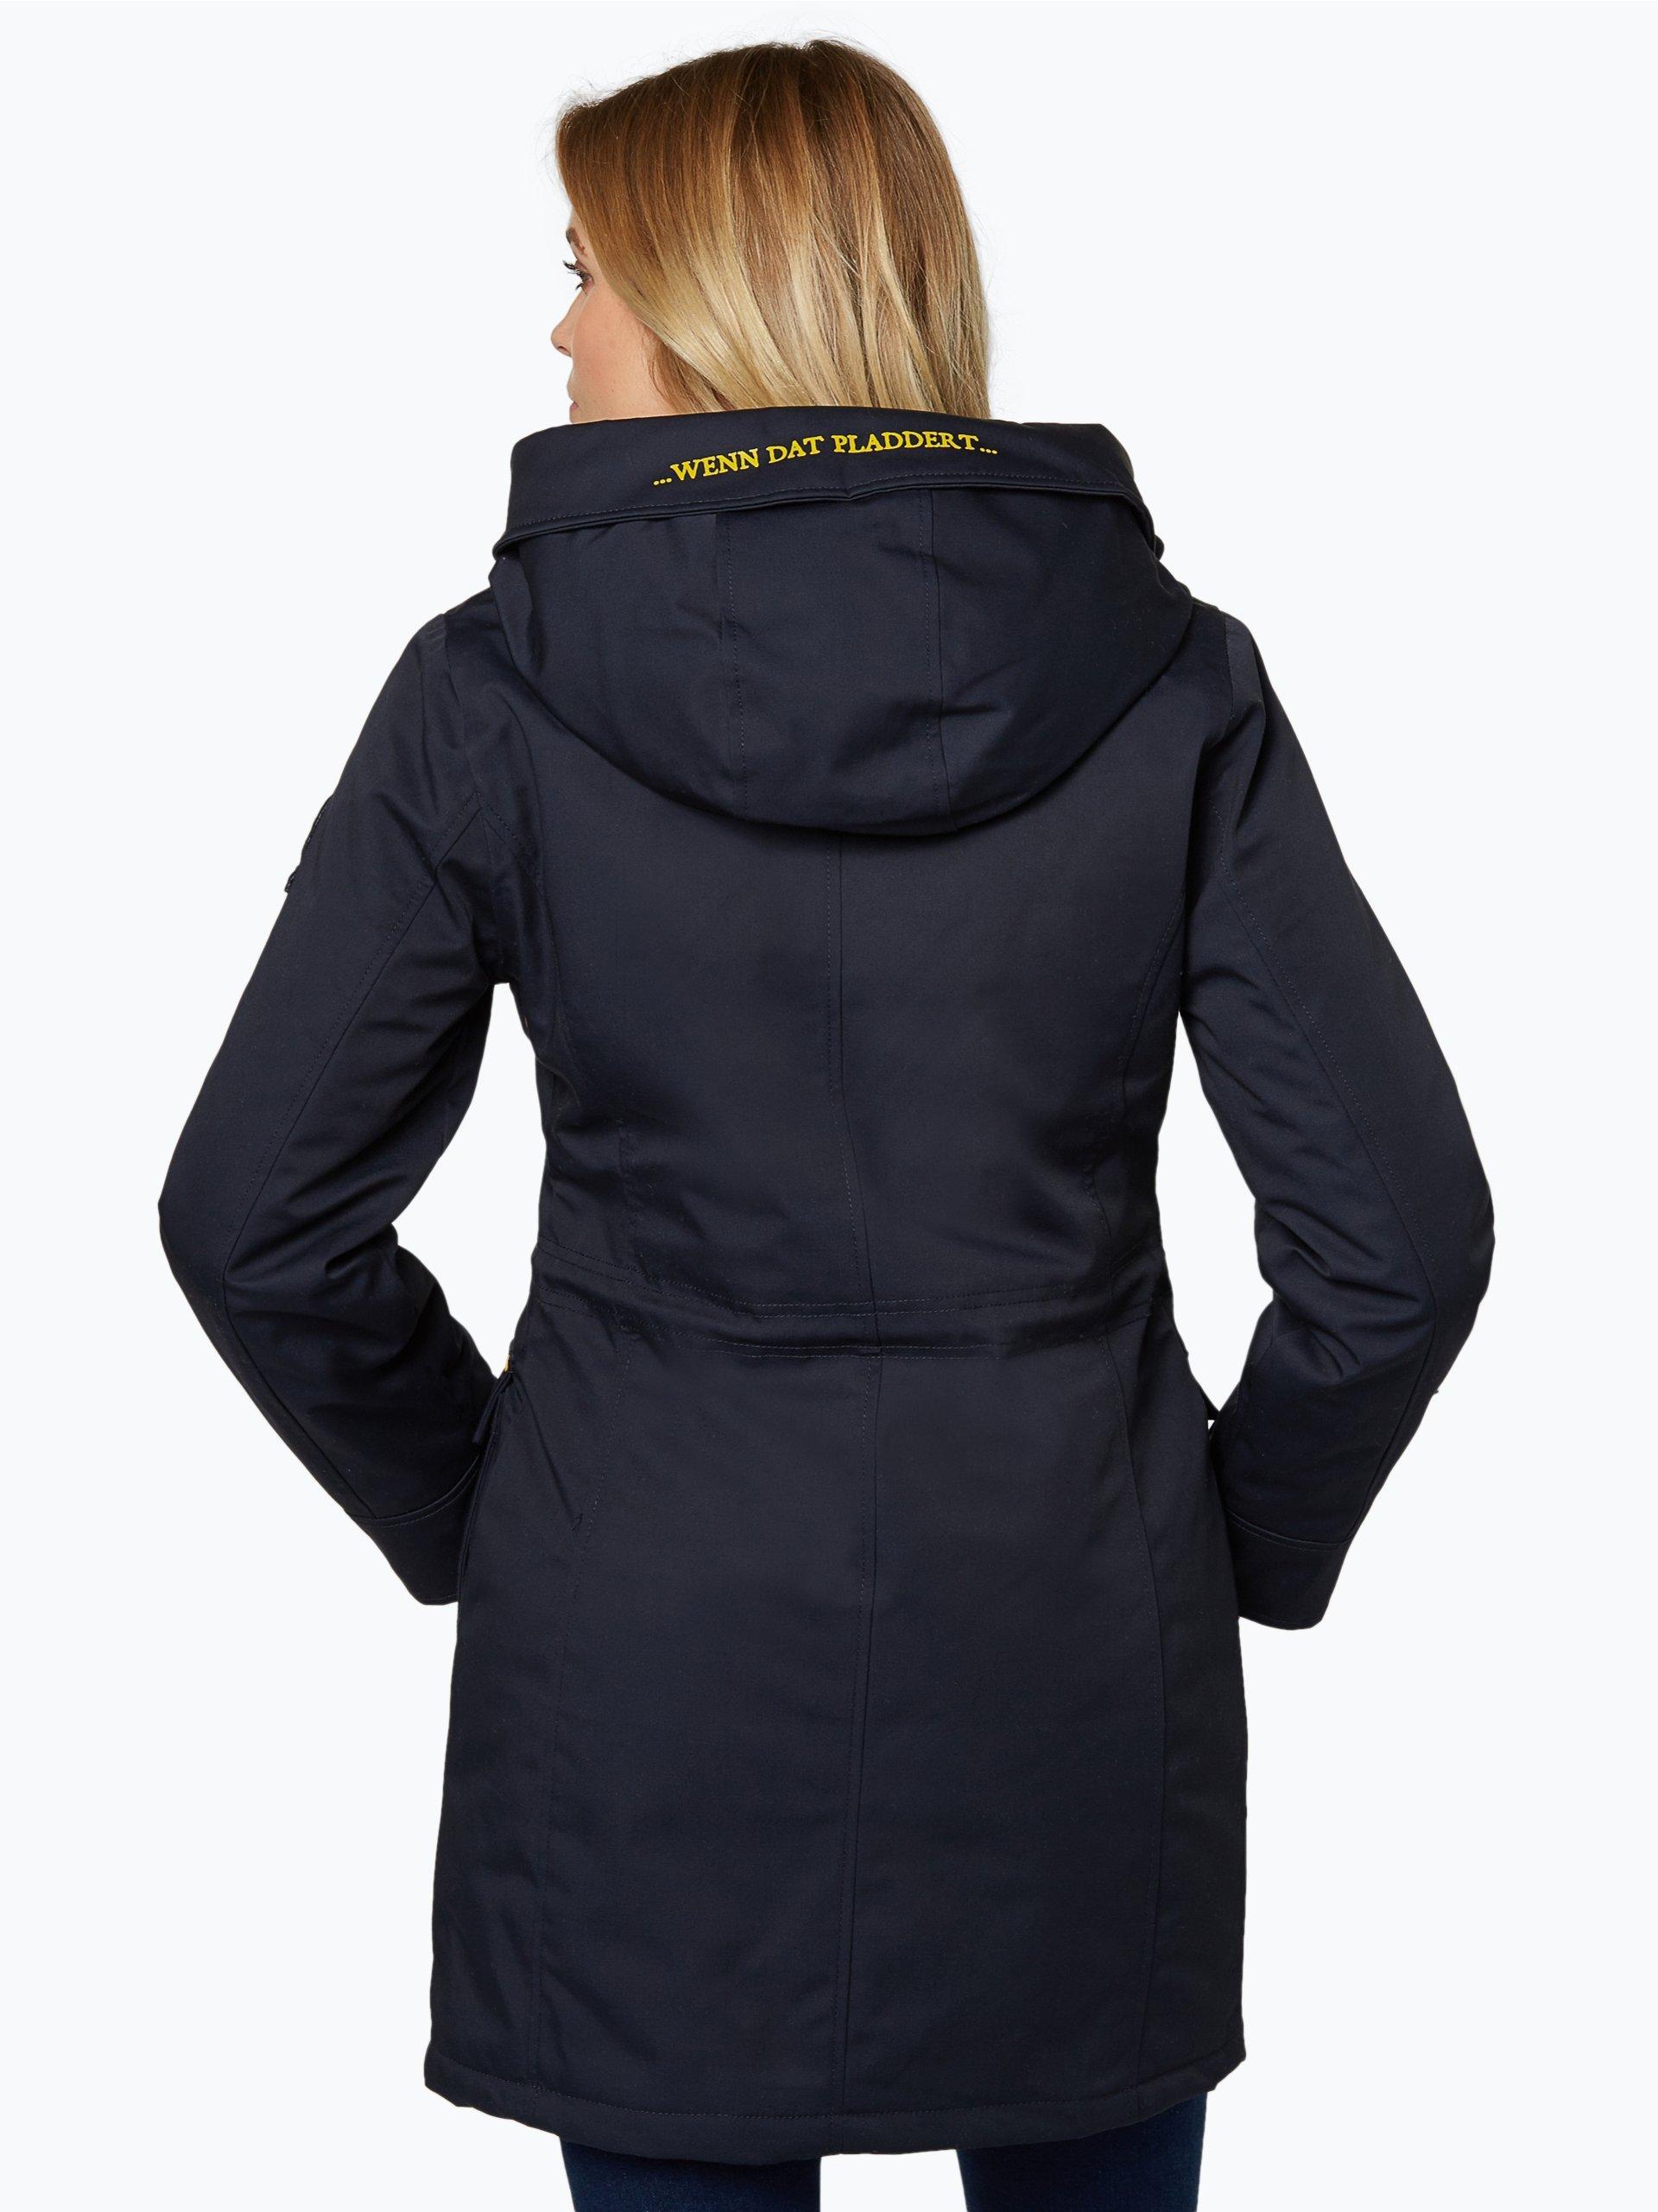 neueste immer beliebt authentisch kaufen online Mantel {2} UND DE CLOPPENBURG Schmuddelwedda ...